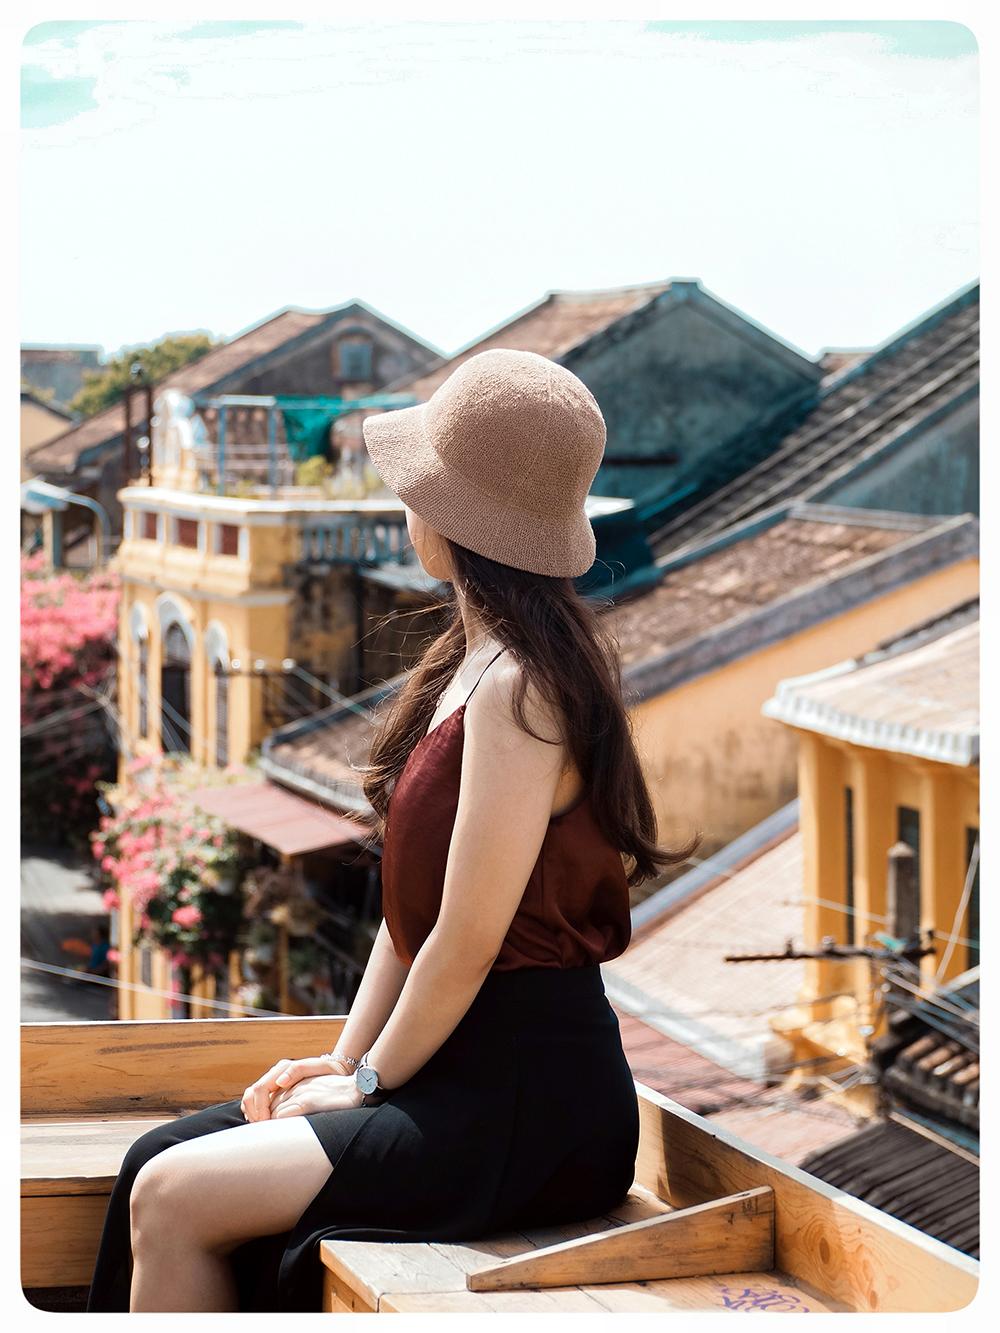 Khoi Studio: Chụp ảnh ngoại cảnh du lịch chuyên nghiệp với báo giá hợp lý tại Hội An